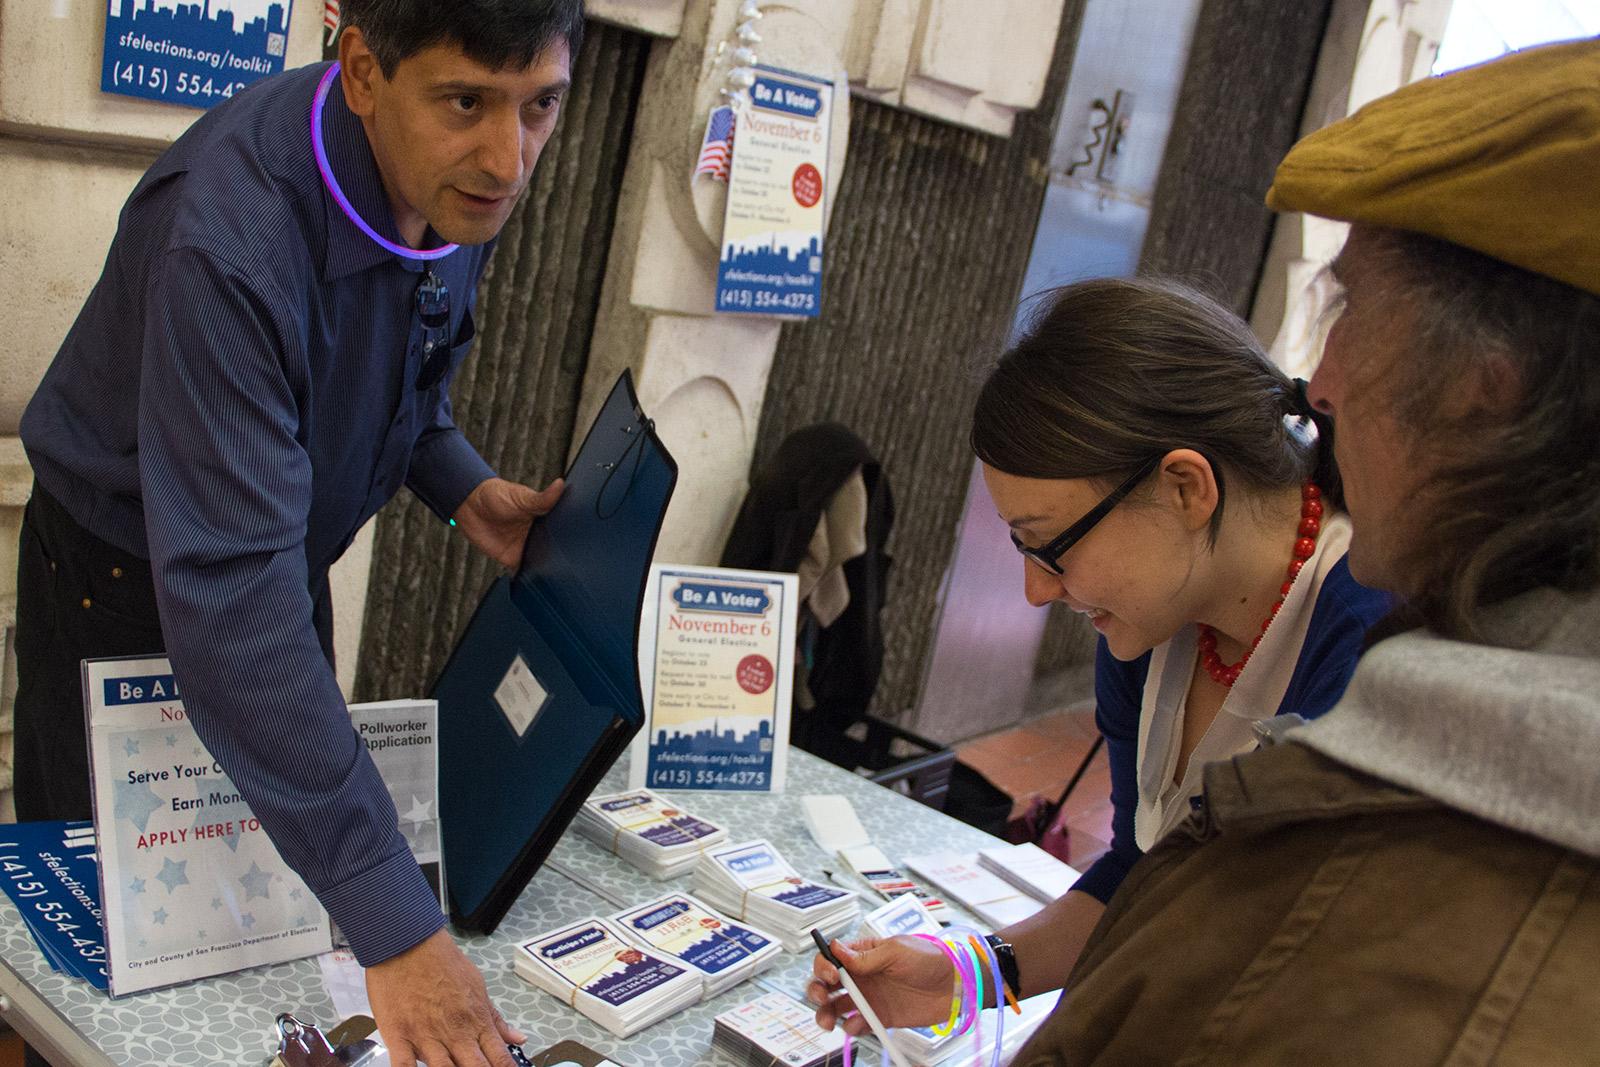 Nestor Cuellas asiste a residentes municipales a completar las solicitudes de registro de votantes en la estación de BART de la calle 16 el 22 de octubre, el último día para registrarse para votar en la elección general del seis de noviembre.